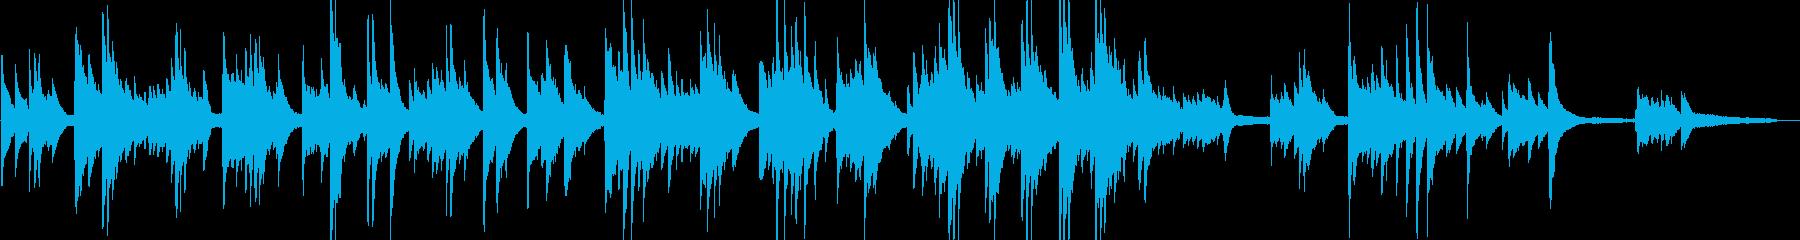 想い出の記念アルバムに最適なピアノ曲の再生済みの波形